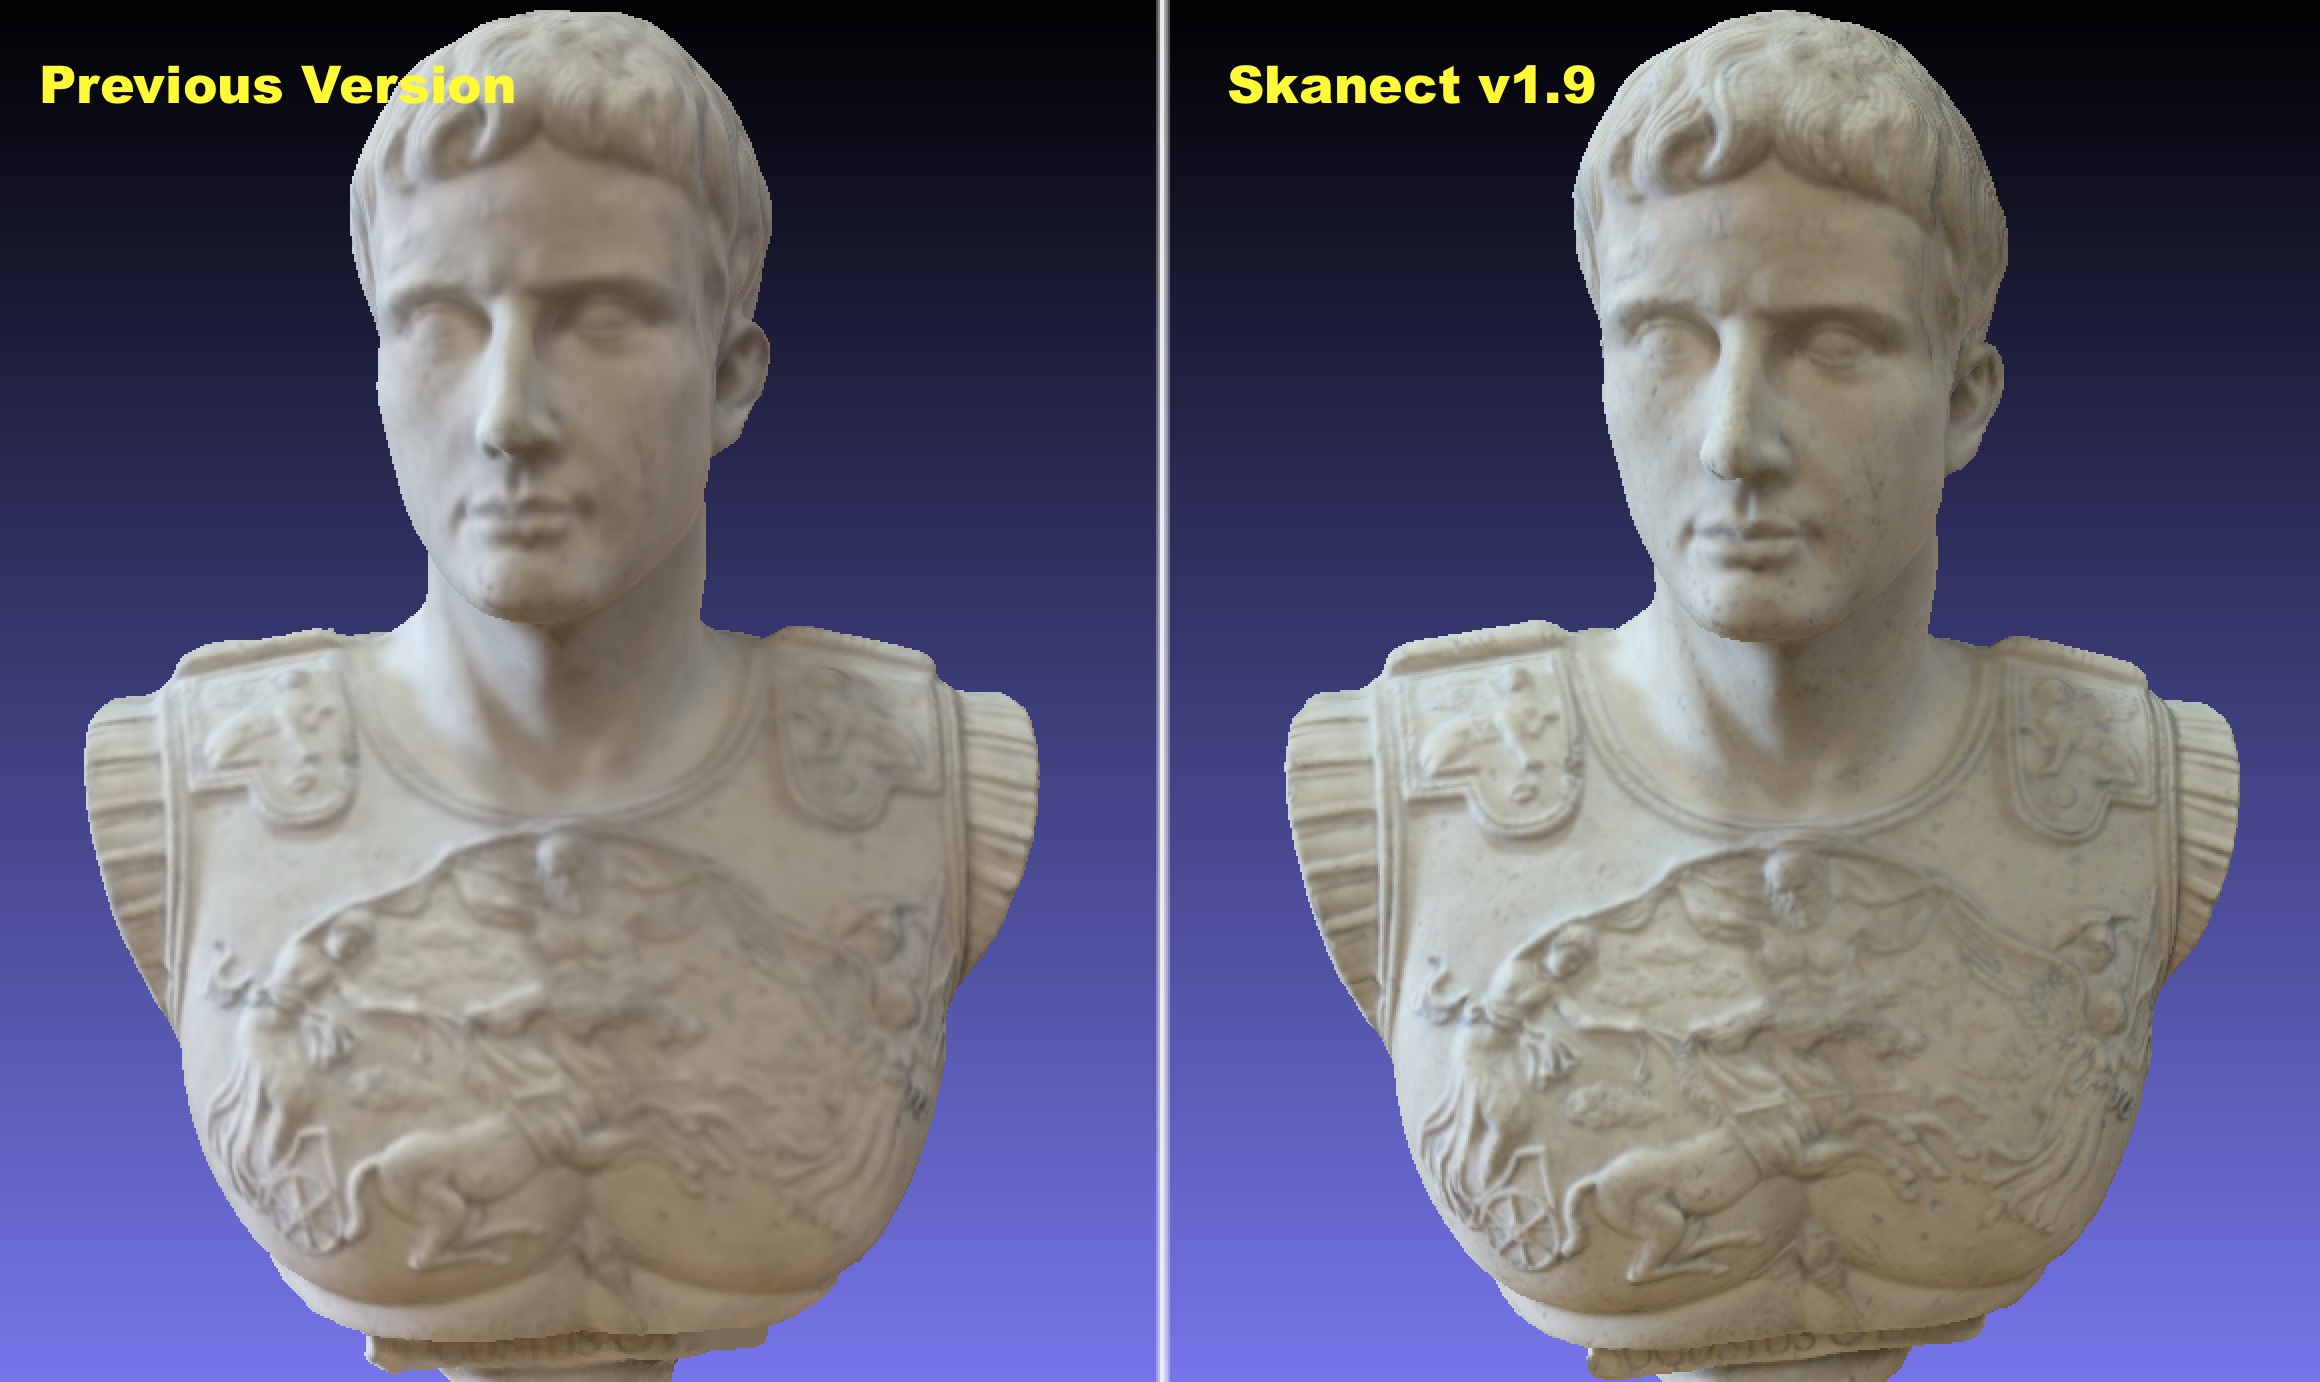 Comparison of the Skanect update. Image via Occipital.